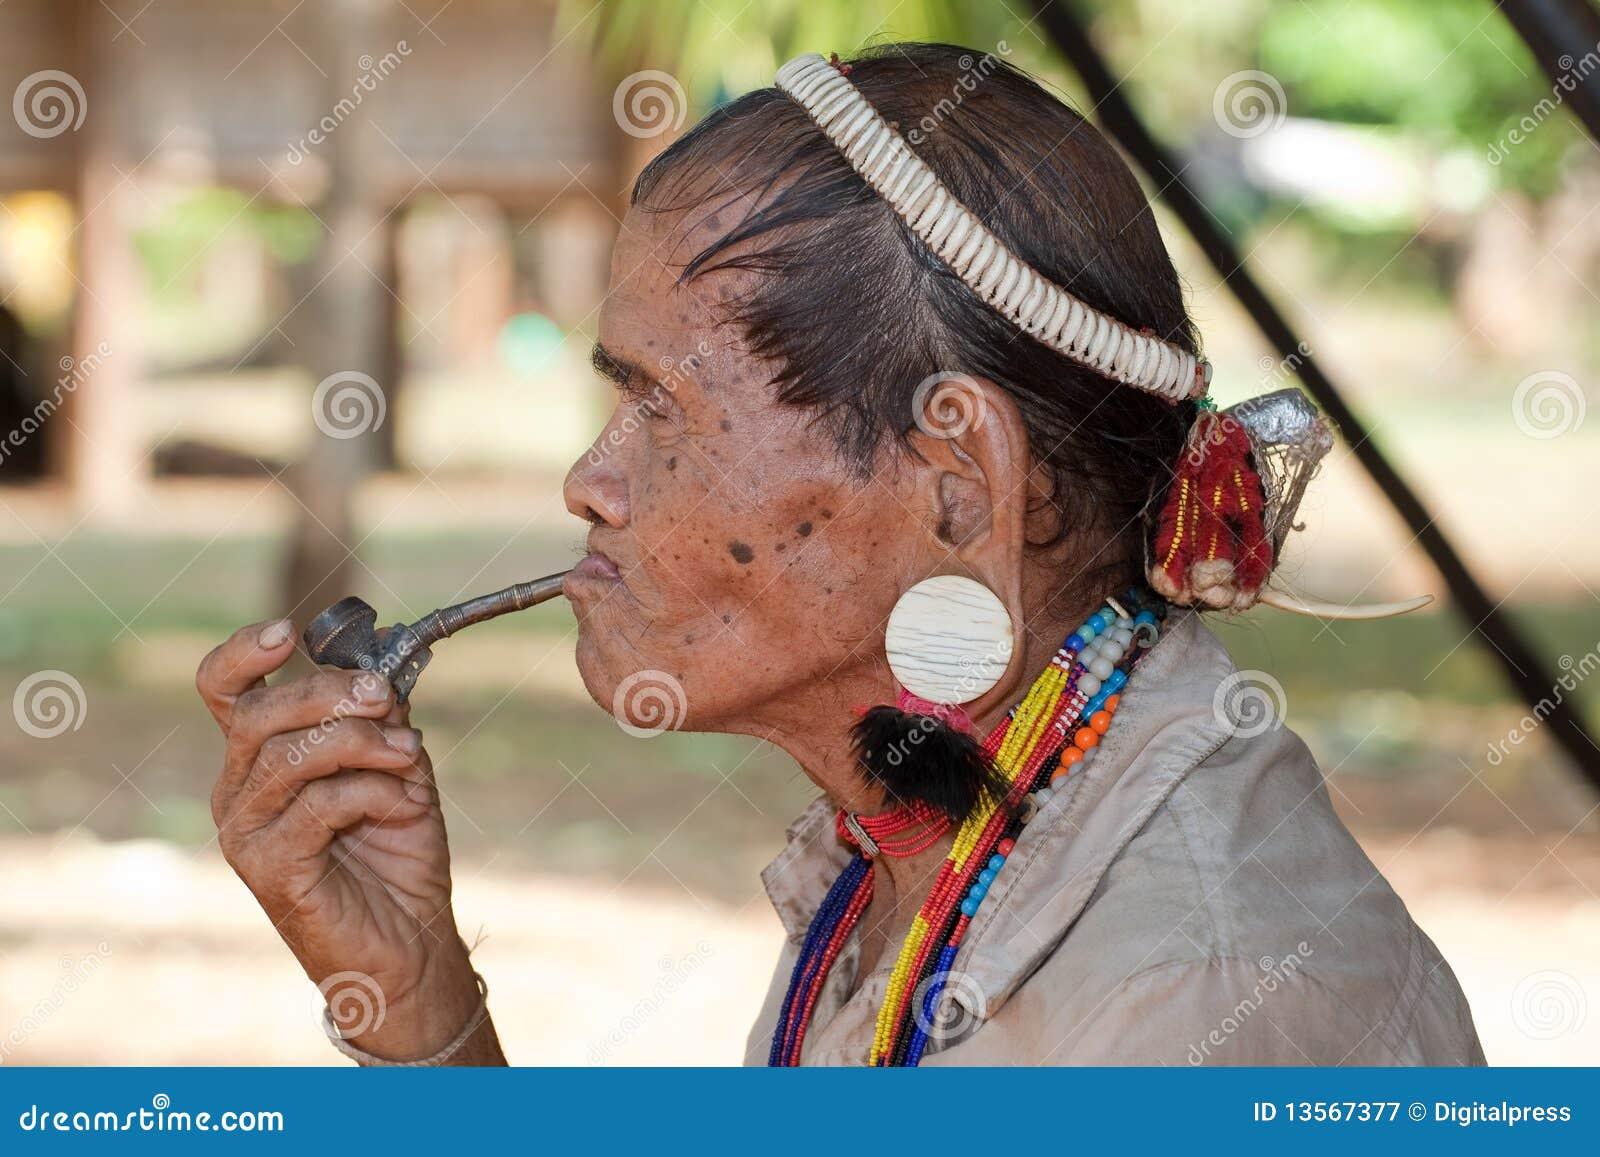 Asiatique groupe pipe